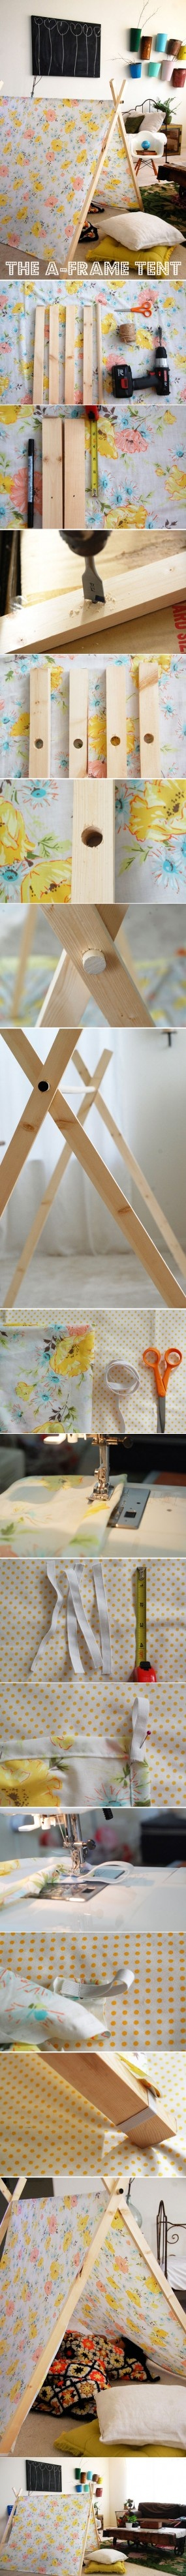 DIY - A-Frame Tent